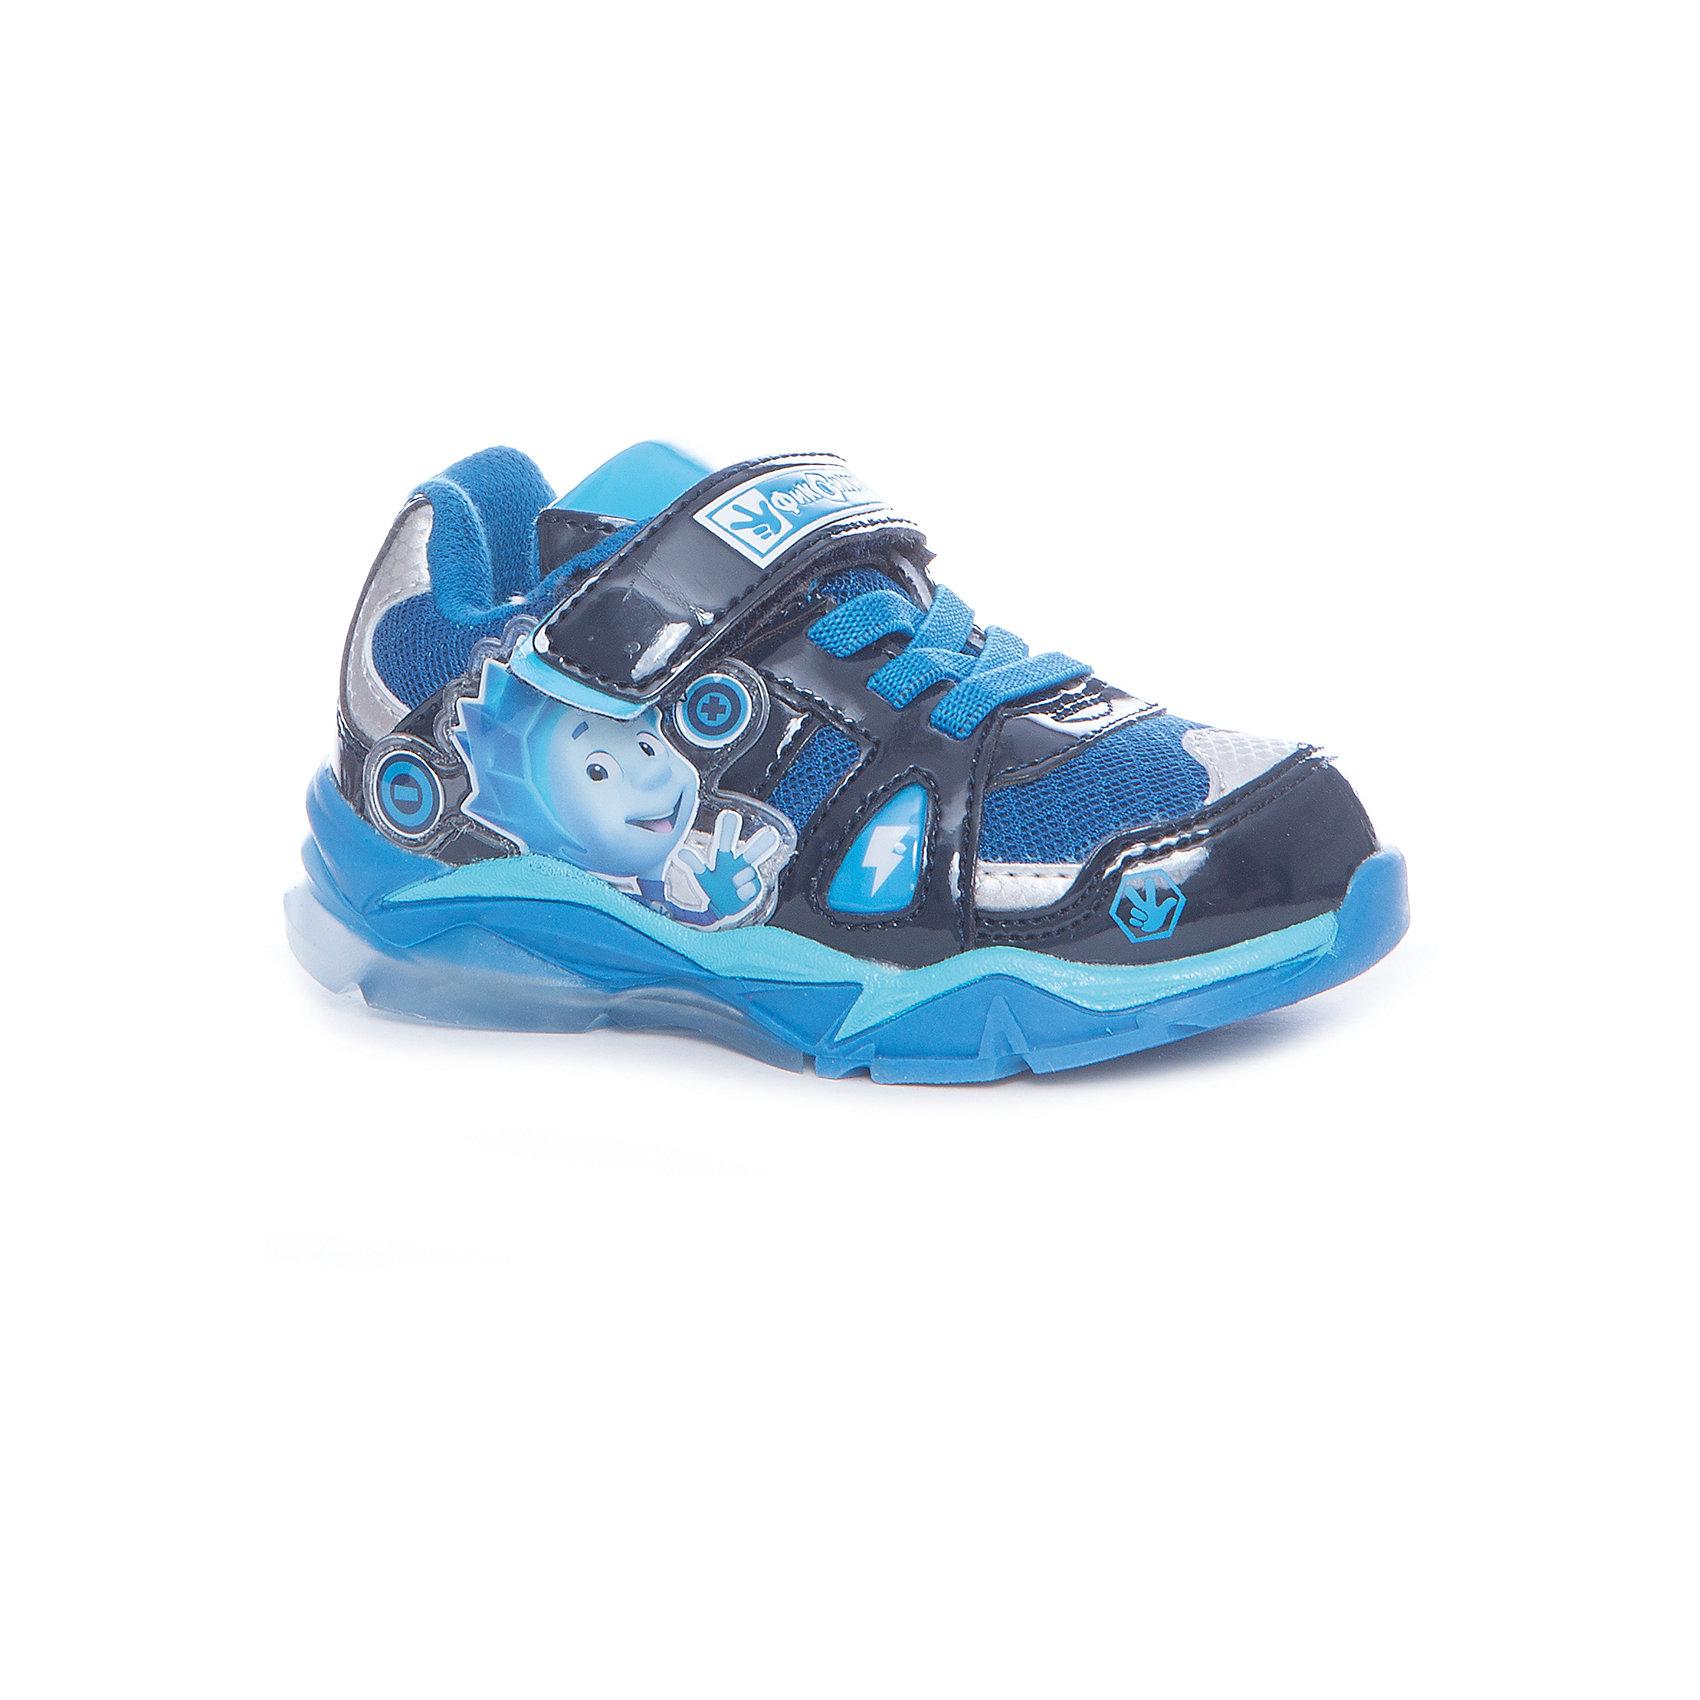 Кроссовки Fixiki для мальчика Kakadu, голубойКроссовки<br>Характеристики товара:<br><br>• цвет: голубой<br>• принт: фиксики<br>• внешний материал обуви: искуственная кожа, текстиль<br>• внутренний материал: текстиль<br>• стелька:текстиль (съемная)<br>• подошва: ТЭП<br>• вид обуви: спортивный стиль<br>• тип застежки: на липучке<br>• сезон: весна-осень<br>• температурный режим: от +10°до +20°С<br>• страна бренда: Россия<br>• страна изготовитель: Китай<br><br>Кроссовки со свектодиодной подсветкой для мальчиков Fixiki бренда Какаду будут радовать ребенка во время прогулок. Они созданы из качественных сертифицированных материалов. <br><br>Подкладка из натурального хлопка обеспечивает воздухообмен и комфортный микроклимат вне зависимости от погоды. Подошва из термопластичной резины кроме хорошей амортизации обладает влагоотталкивающими свойствами. <br><br>Кроссовки для мальчика KAKADU можно купить в нашем интернет-магазине.<br><br>Ширина мм: 262<br>Глубина мм: 176<br>Высота мм: 97<br>Вес г: 427<br>Цвет: синий<br>Возраст от месяцев: 21<br>Возраст до месяцев: 24<br>Пол: Мужской<br>Возраст: Детский<br>Размер: 24,29,25,26,27,28<br>SKU: 5386461